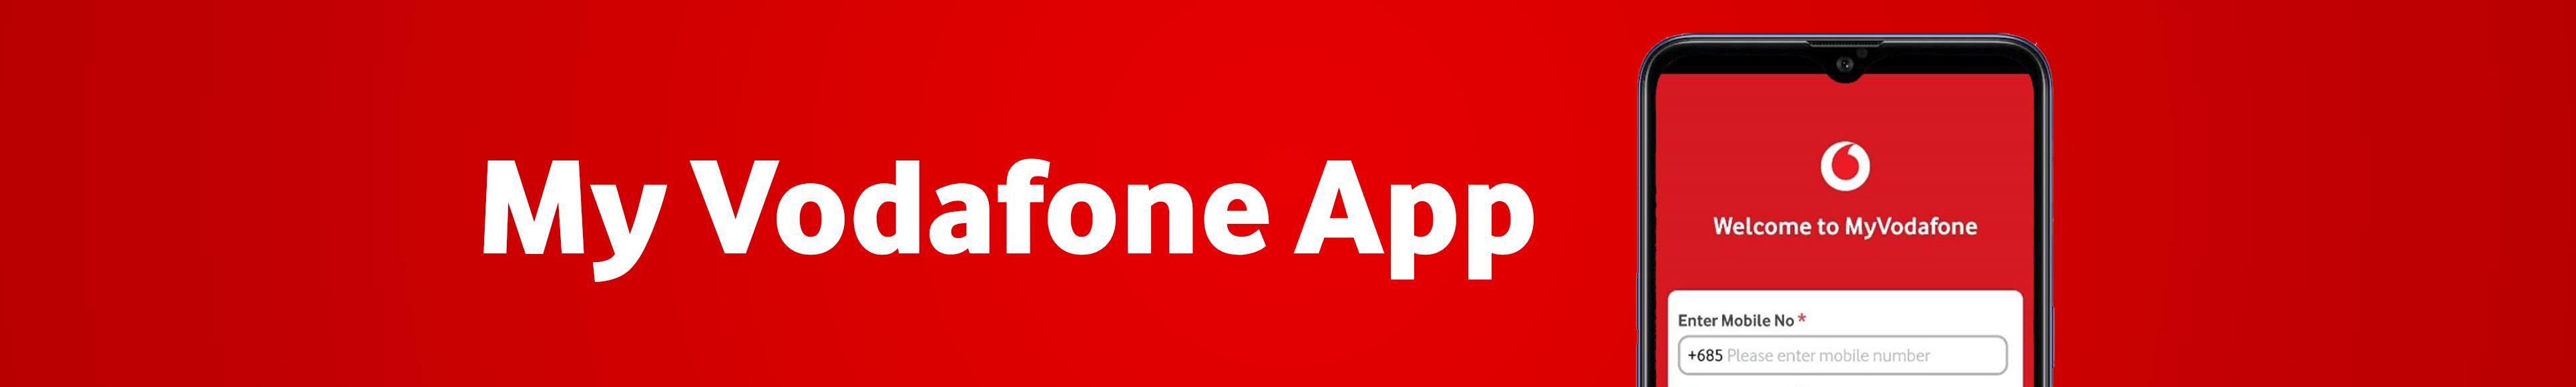 Website Banner - My Vodafone